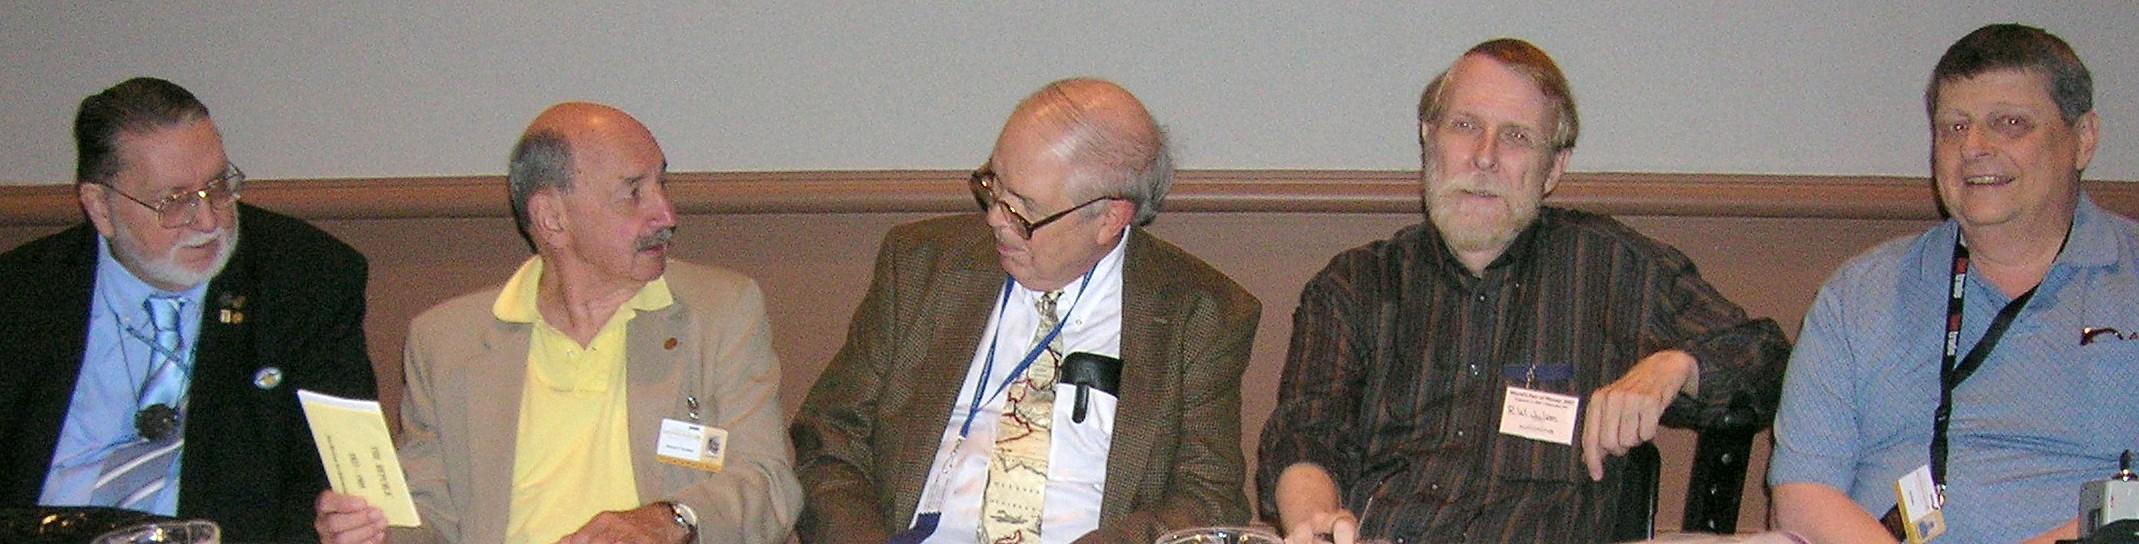 2007-nlg-symposium